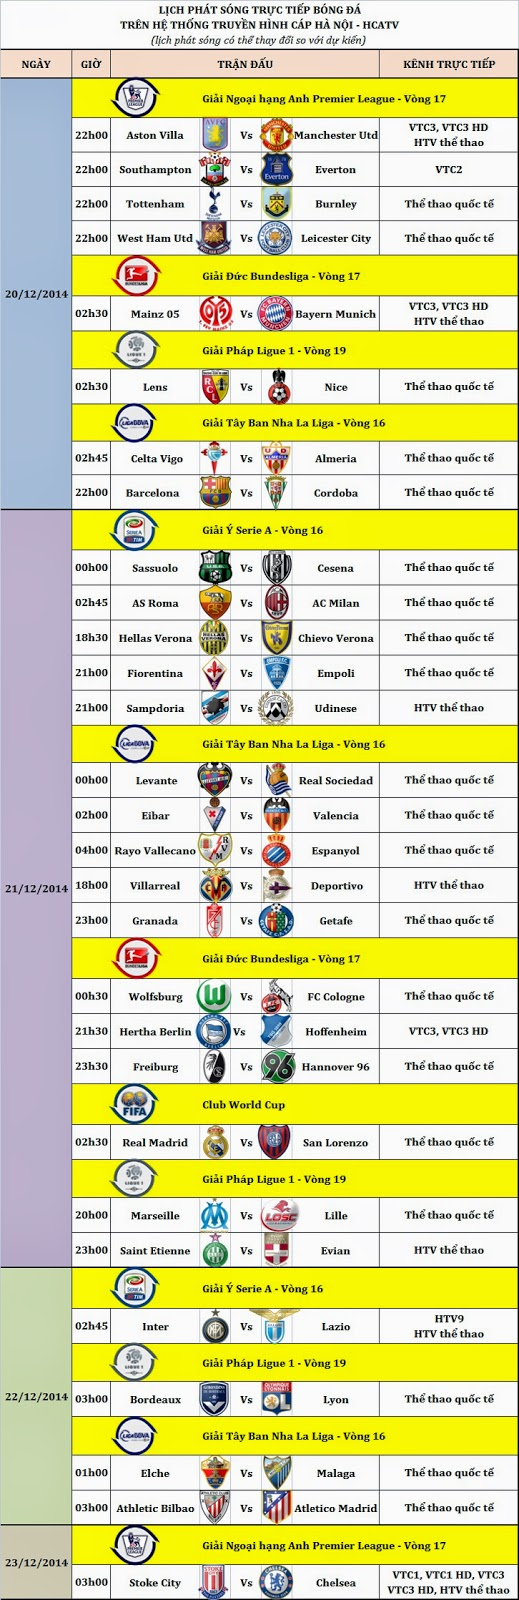 Lịch bóng đá trực tiếp trên HCATV